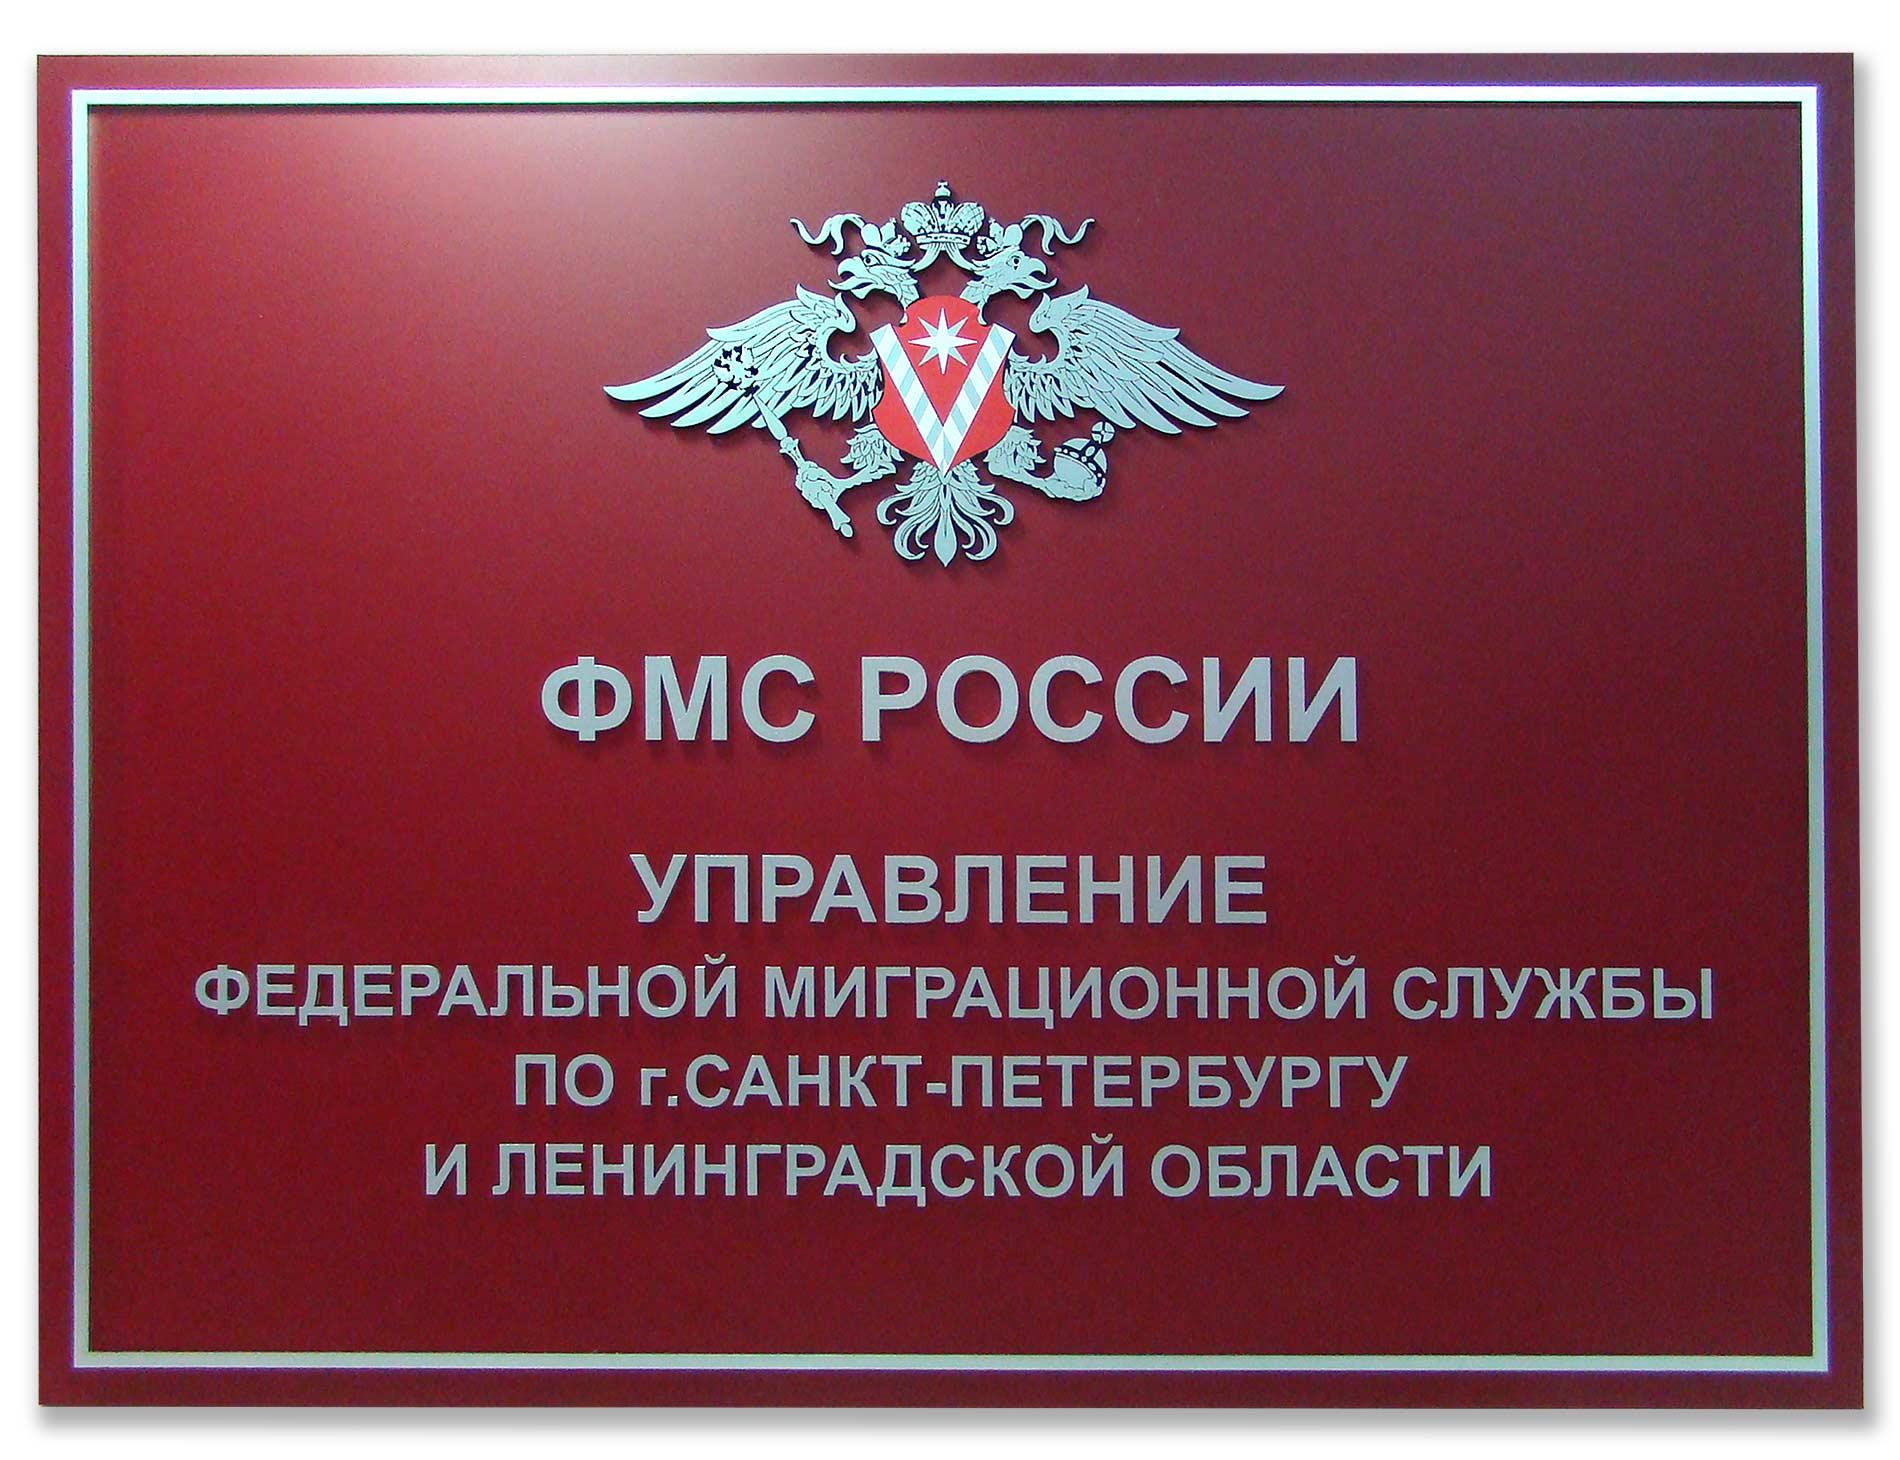 Табличка с объемными буквами металлик, гербом